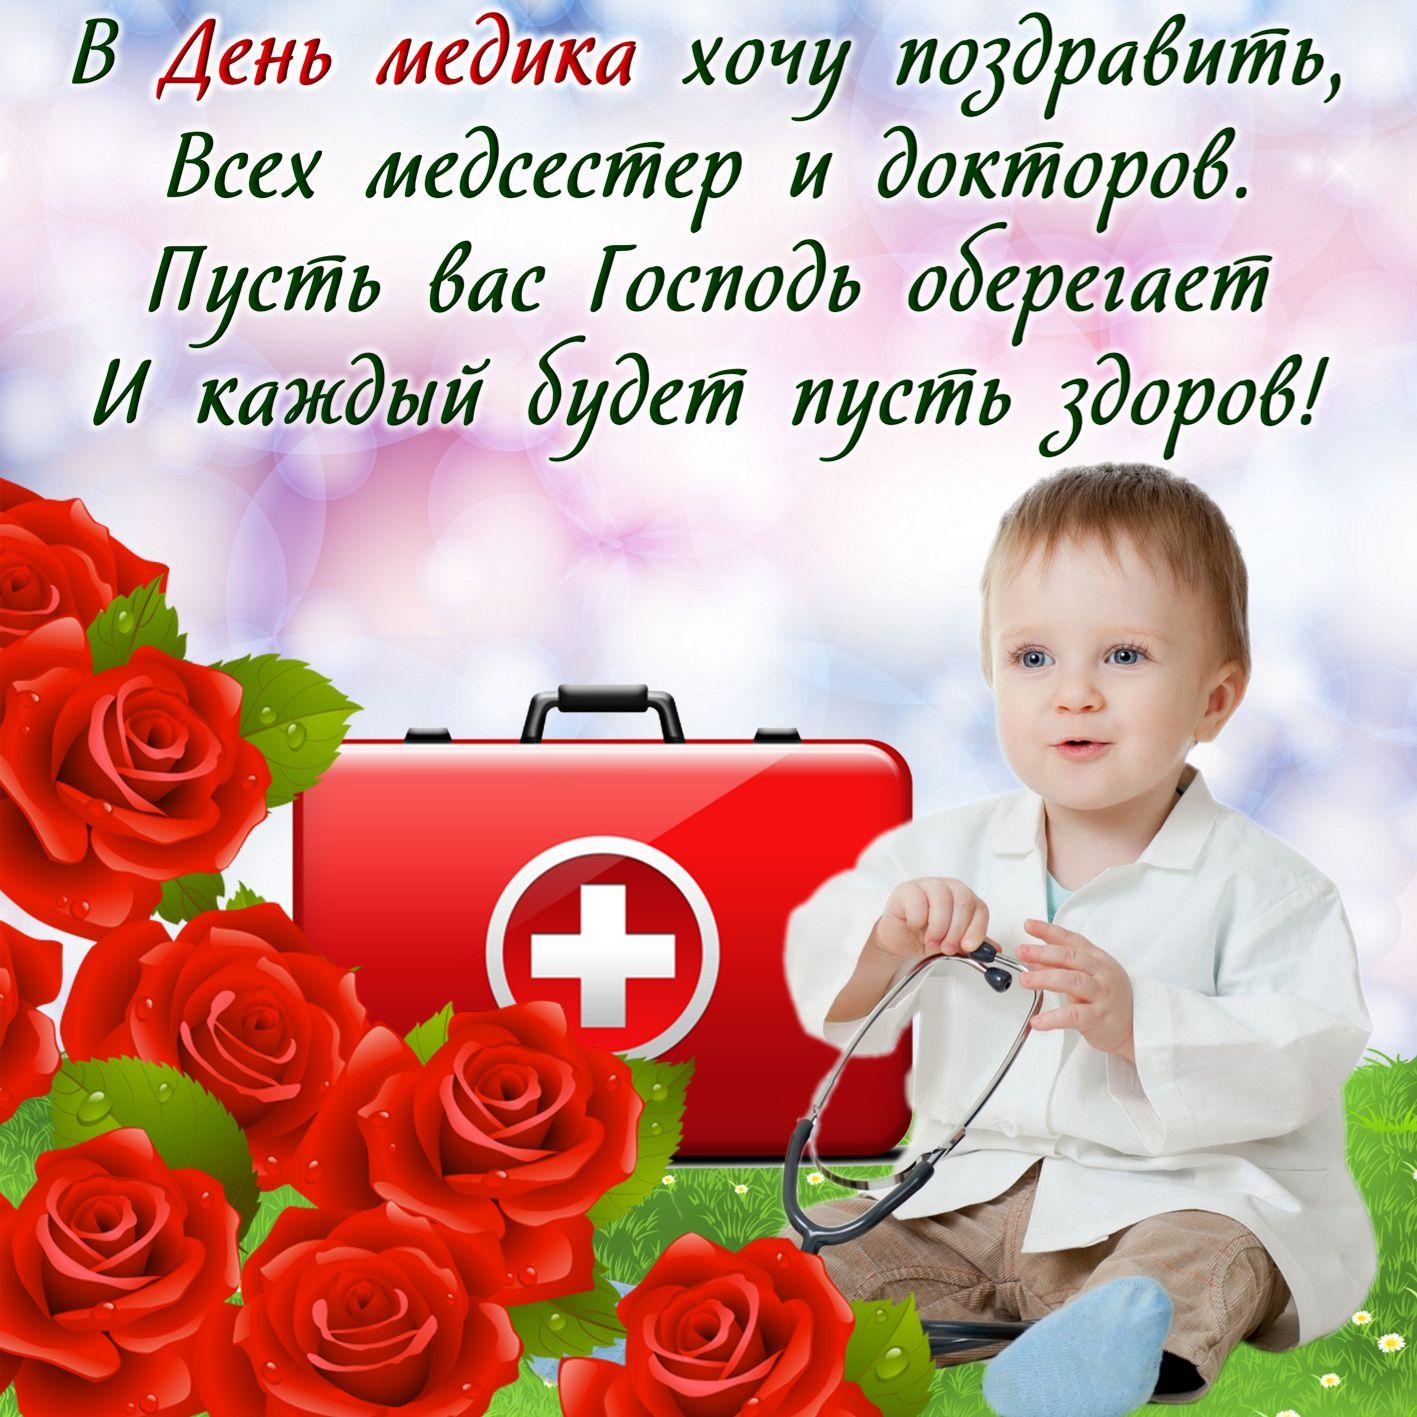 День, открытки с днем медика на телефон